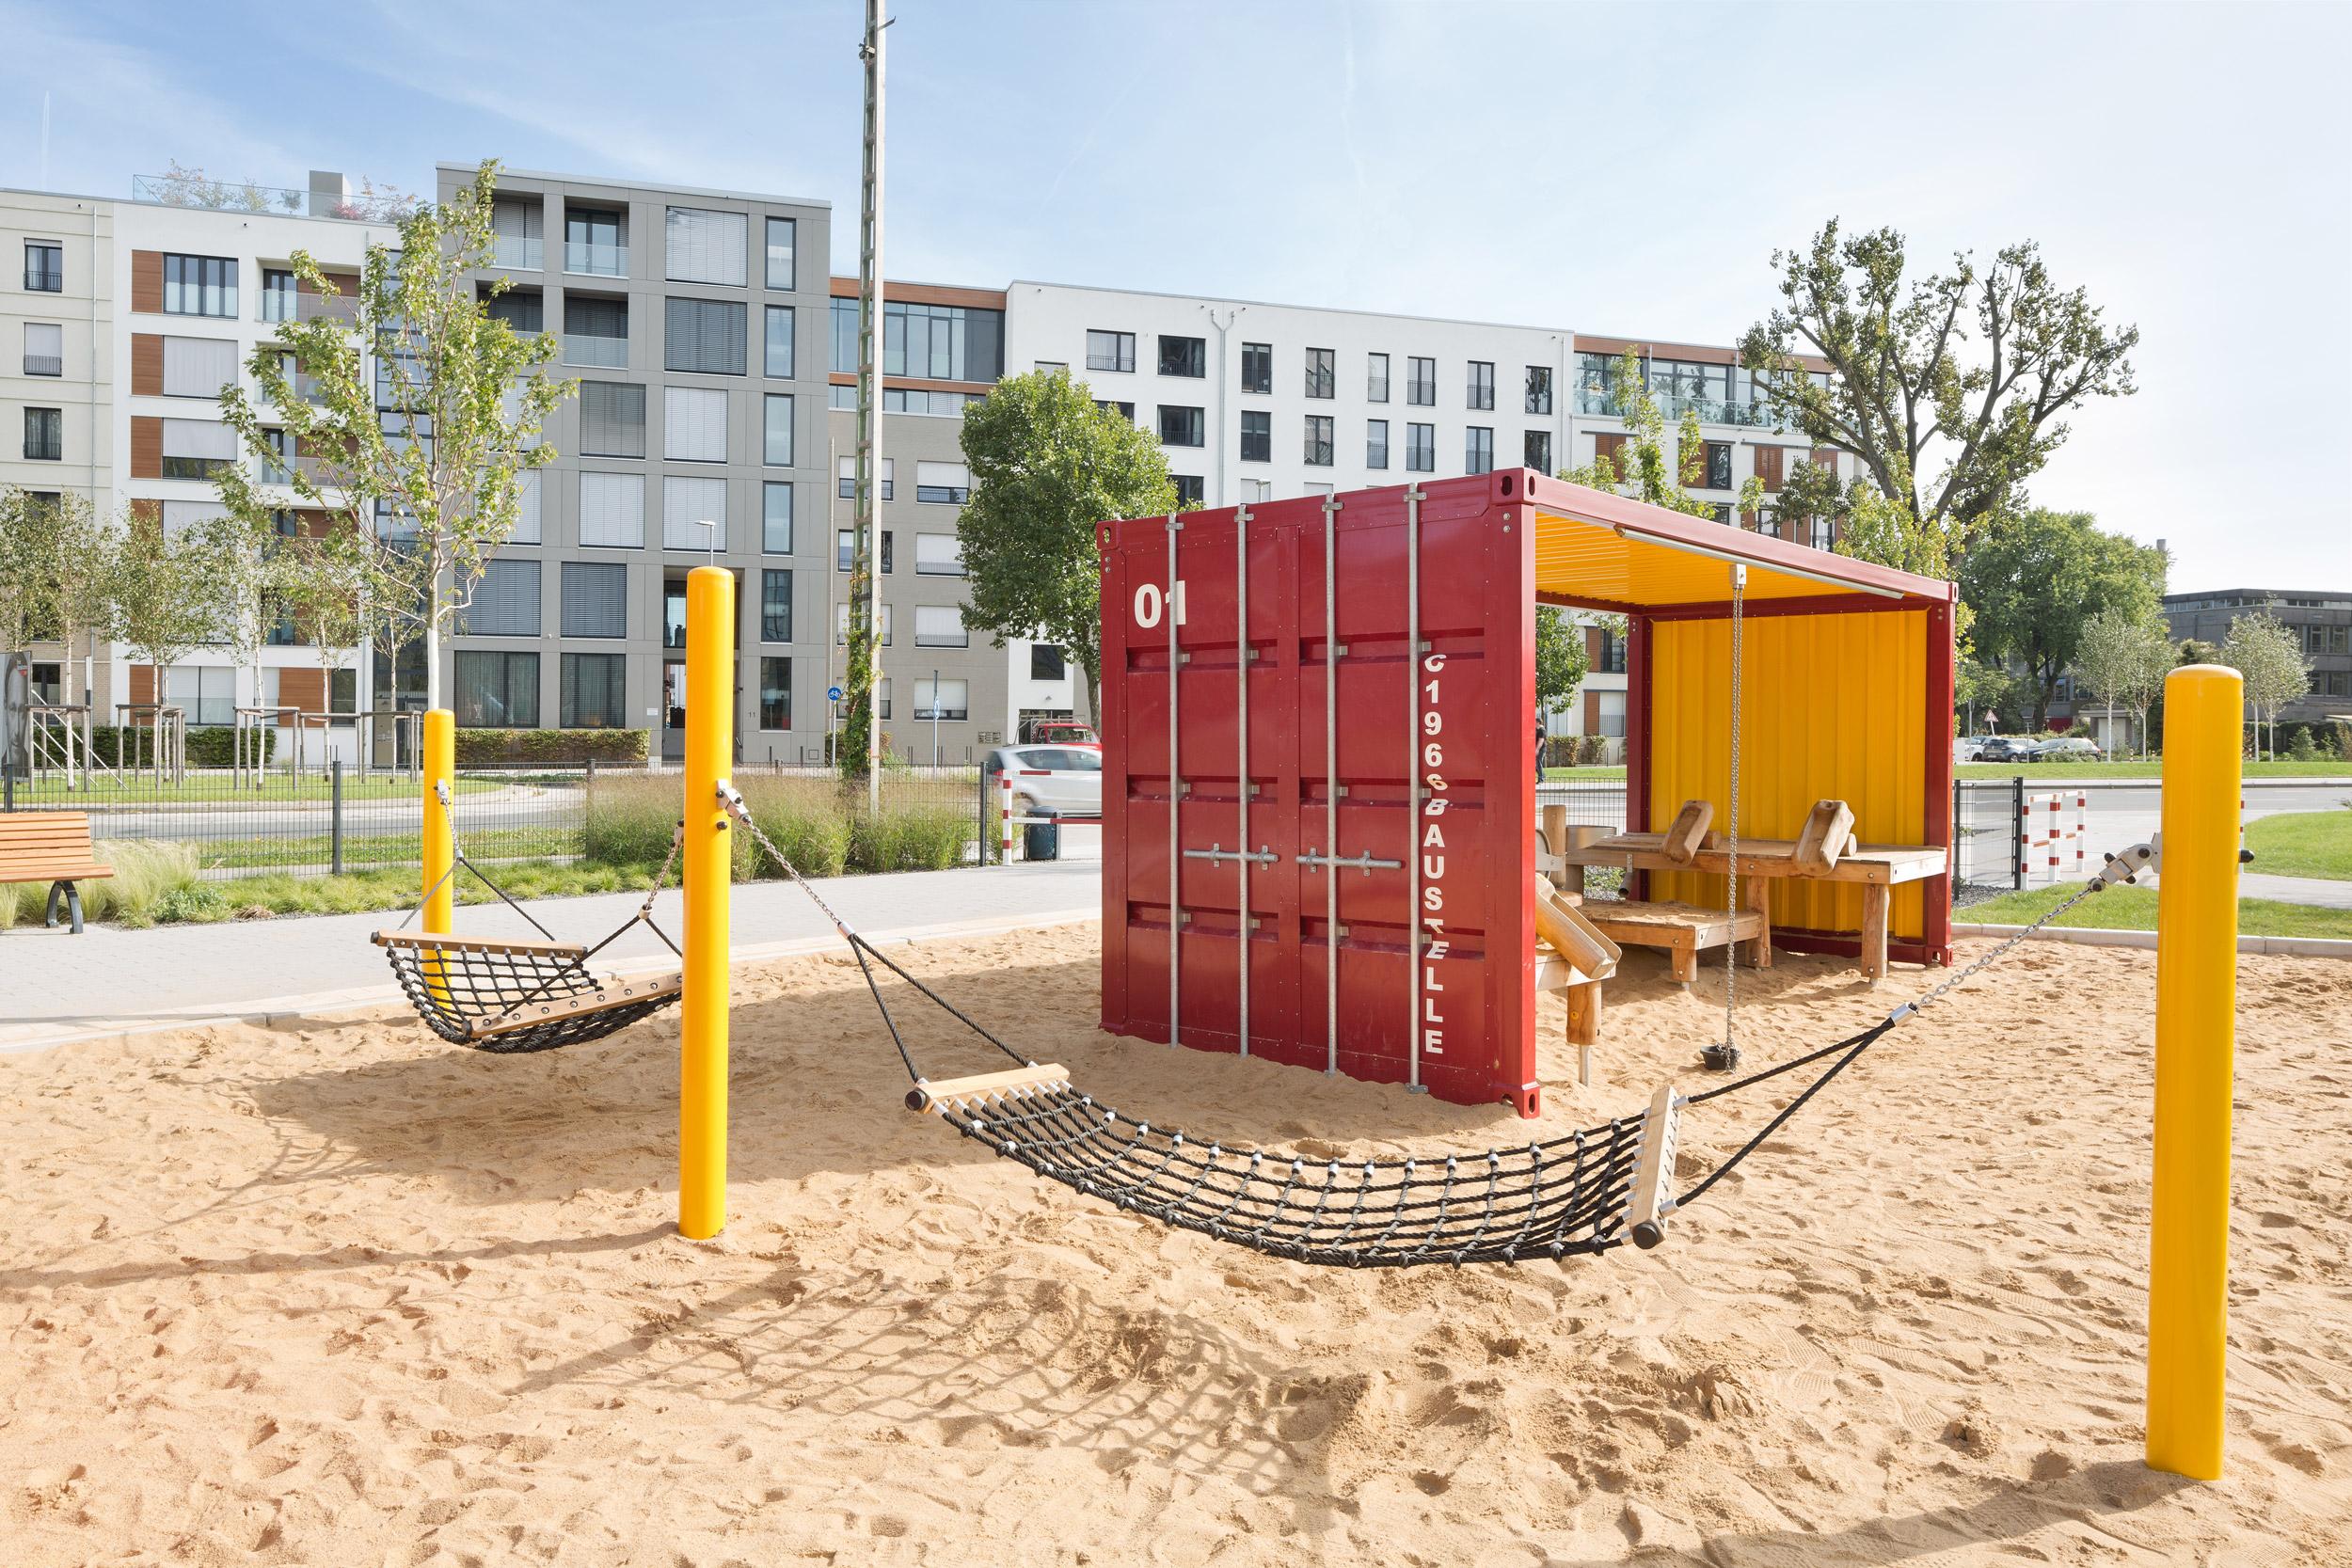 Containerpielplatz im Stadt-Natur-Park Flingern